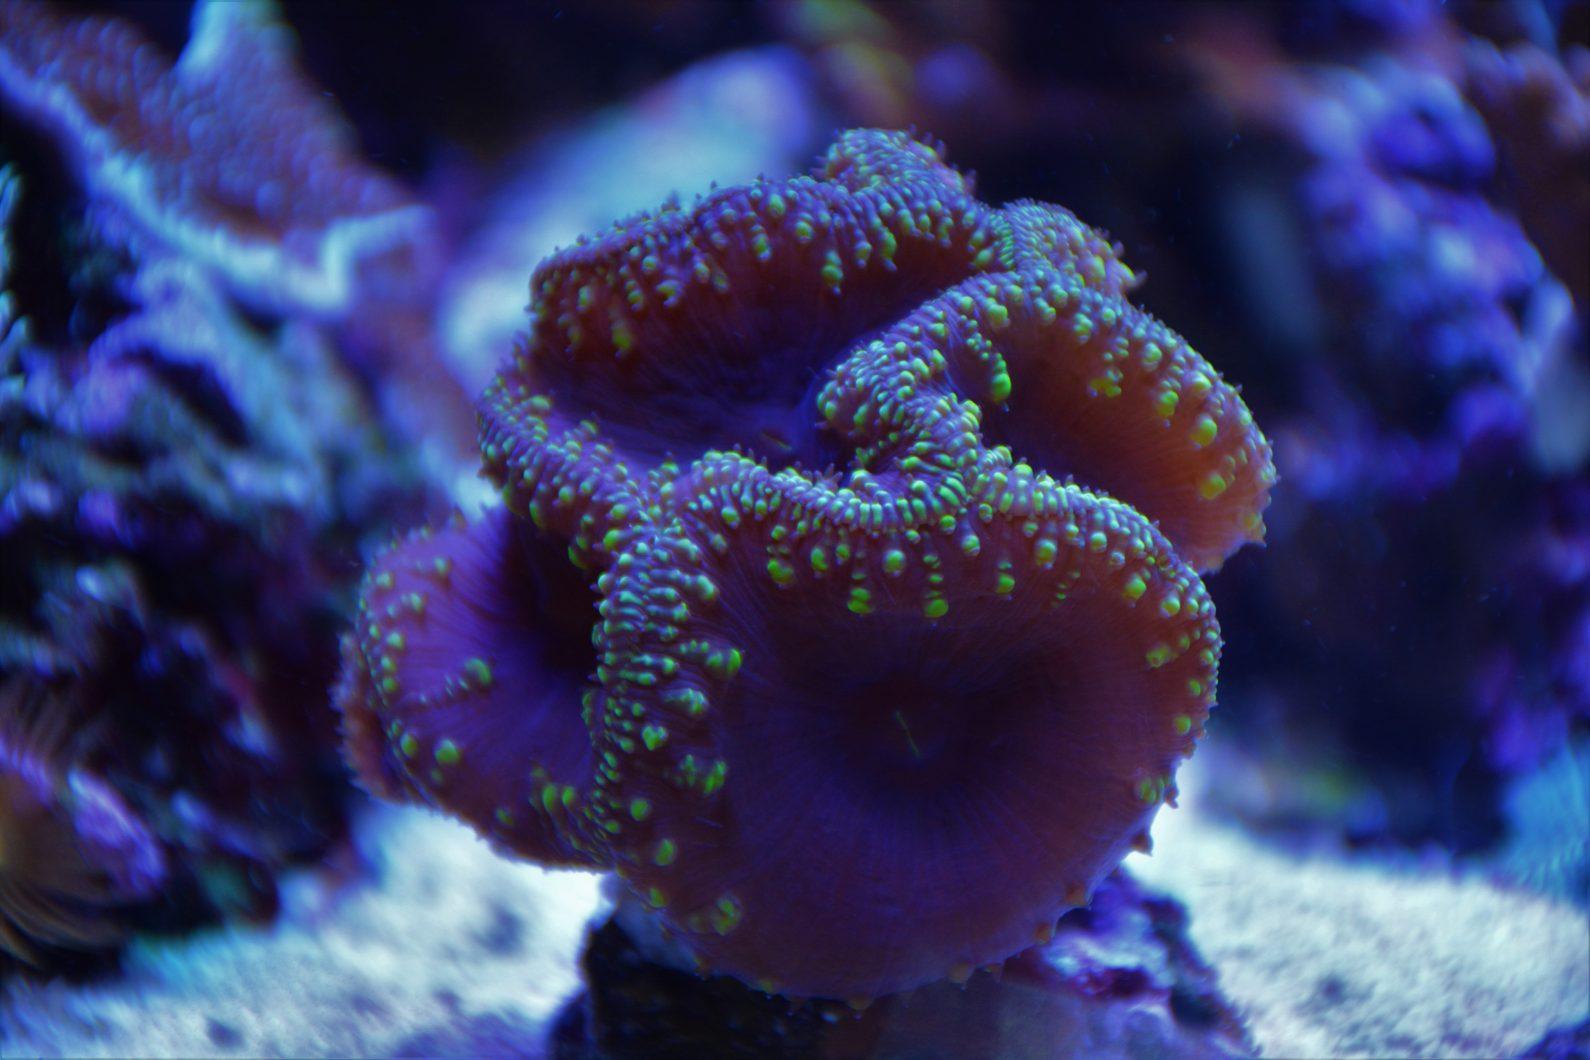 موسيقى البوب المرجانية المدهشة من Orphek atlantik